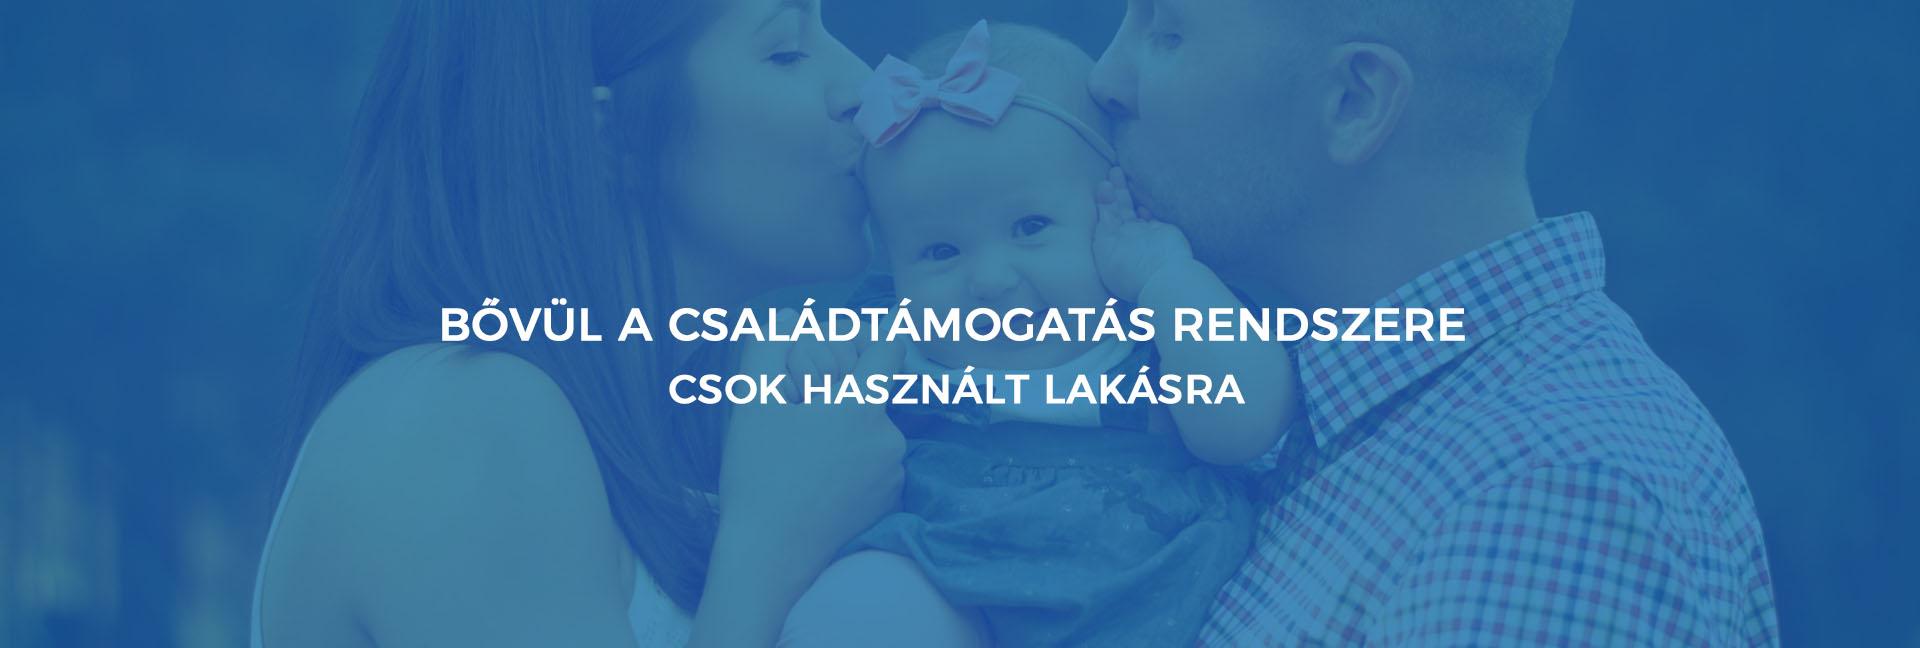 Bővül a családtámogatás rendszere – CSOK használt lakásra 807200c77e